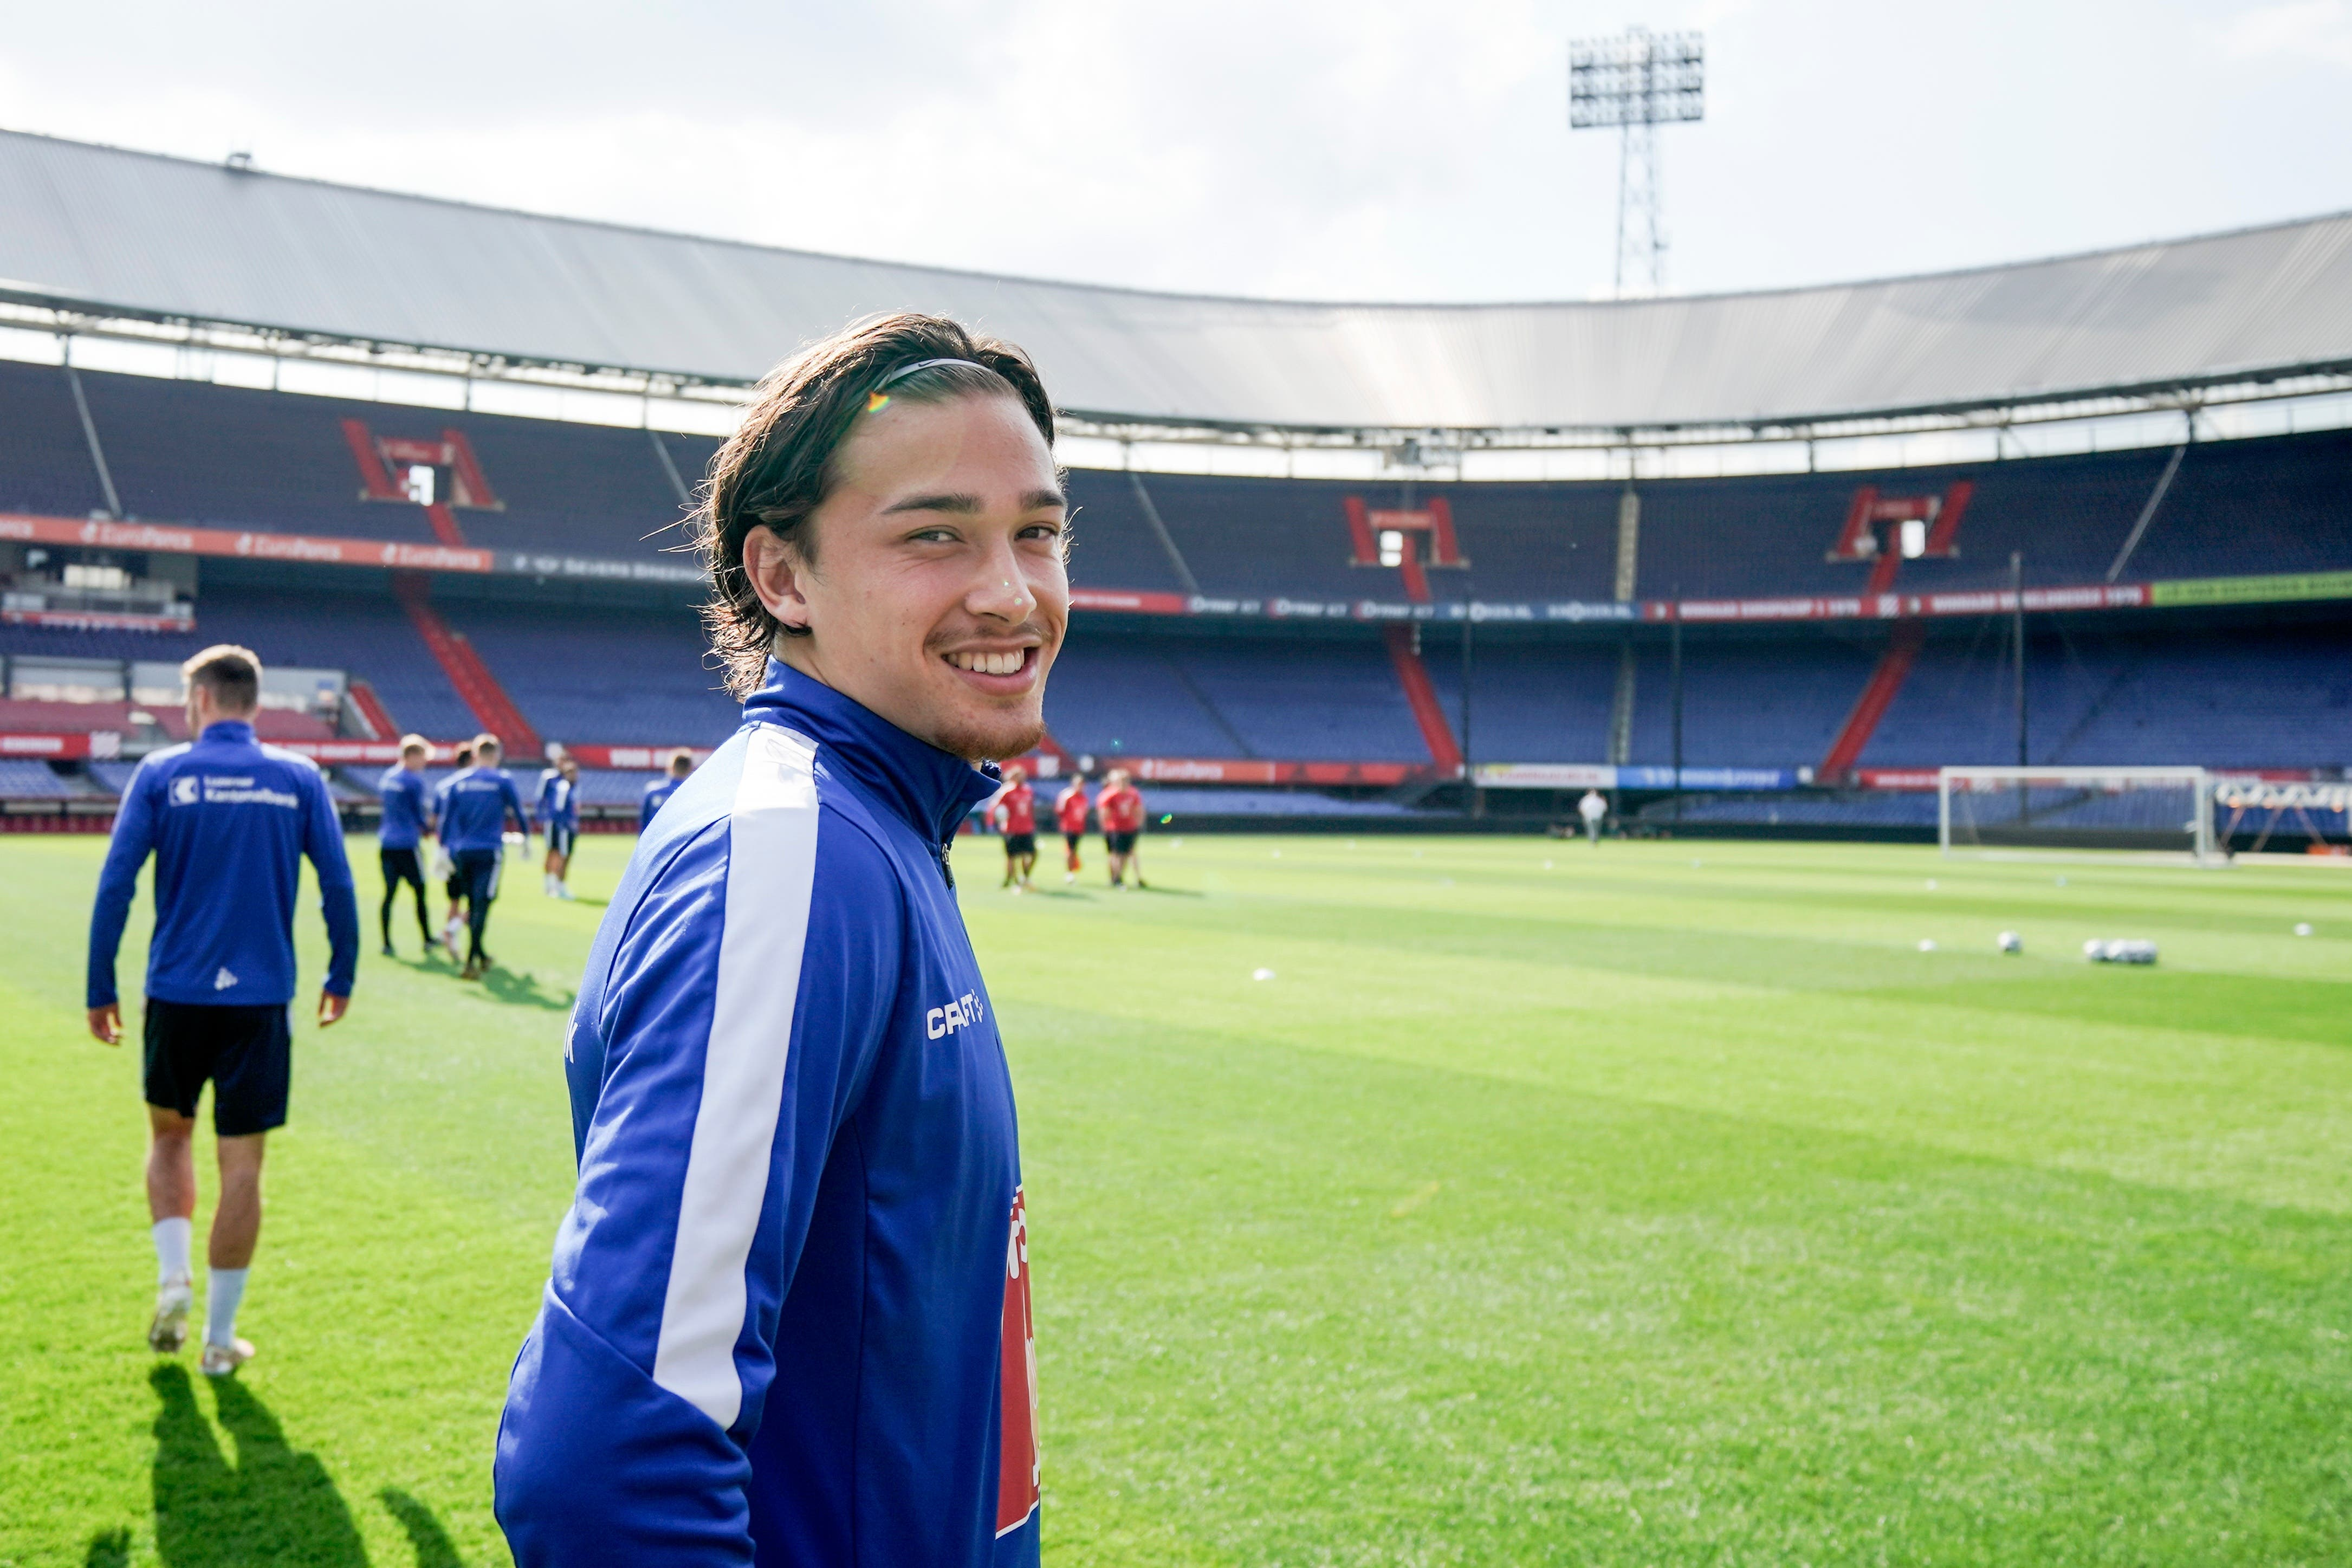 FCL-Spieler Jordy Wehrmann beim Training in Rotterdam.